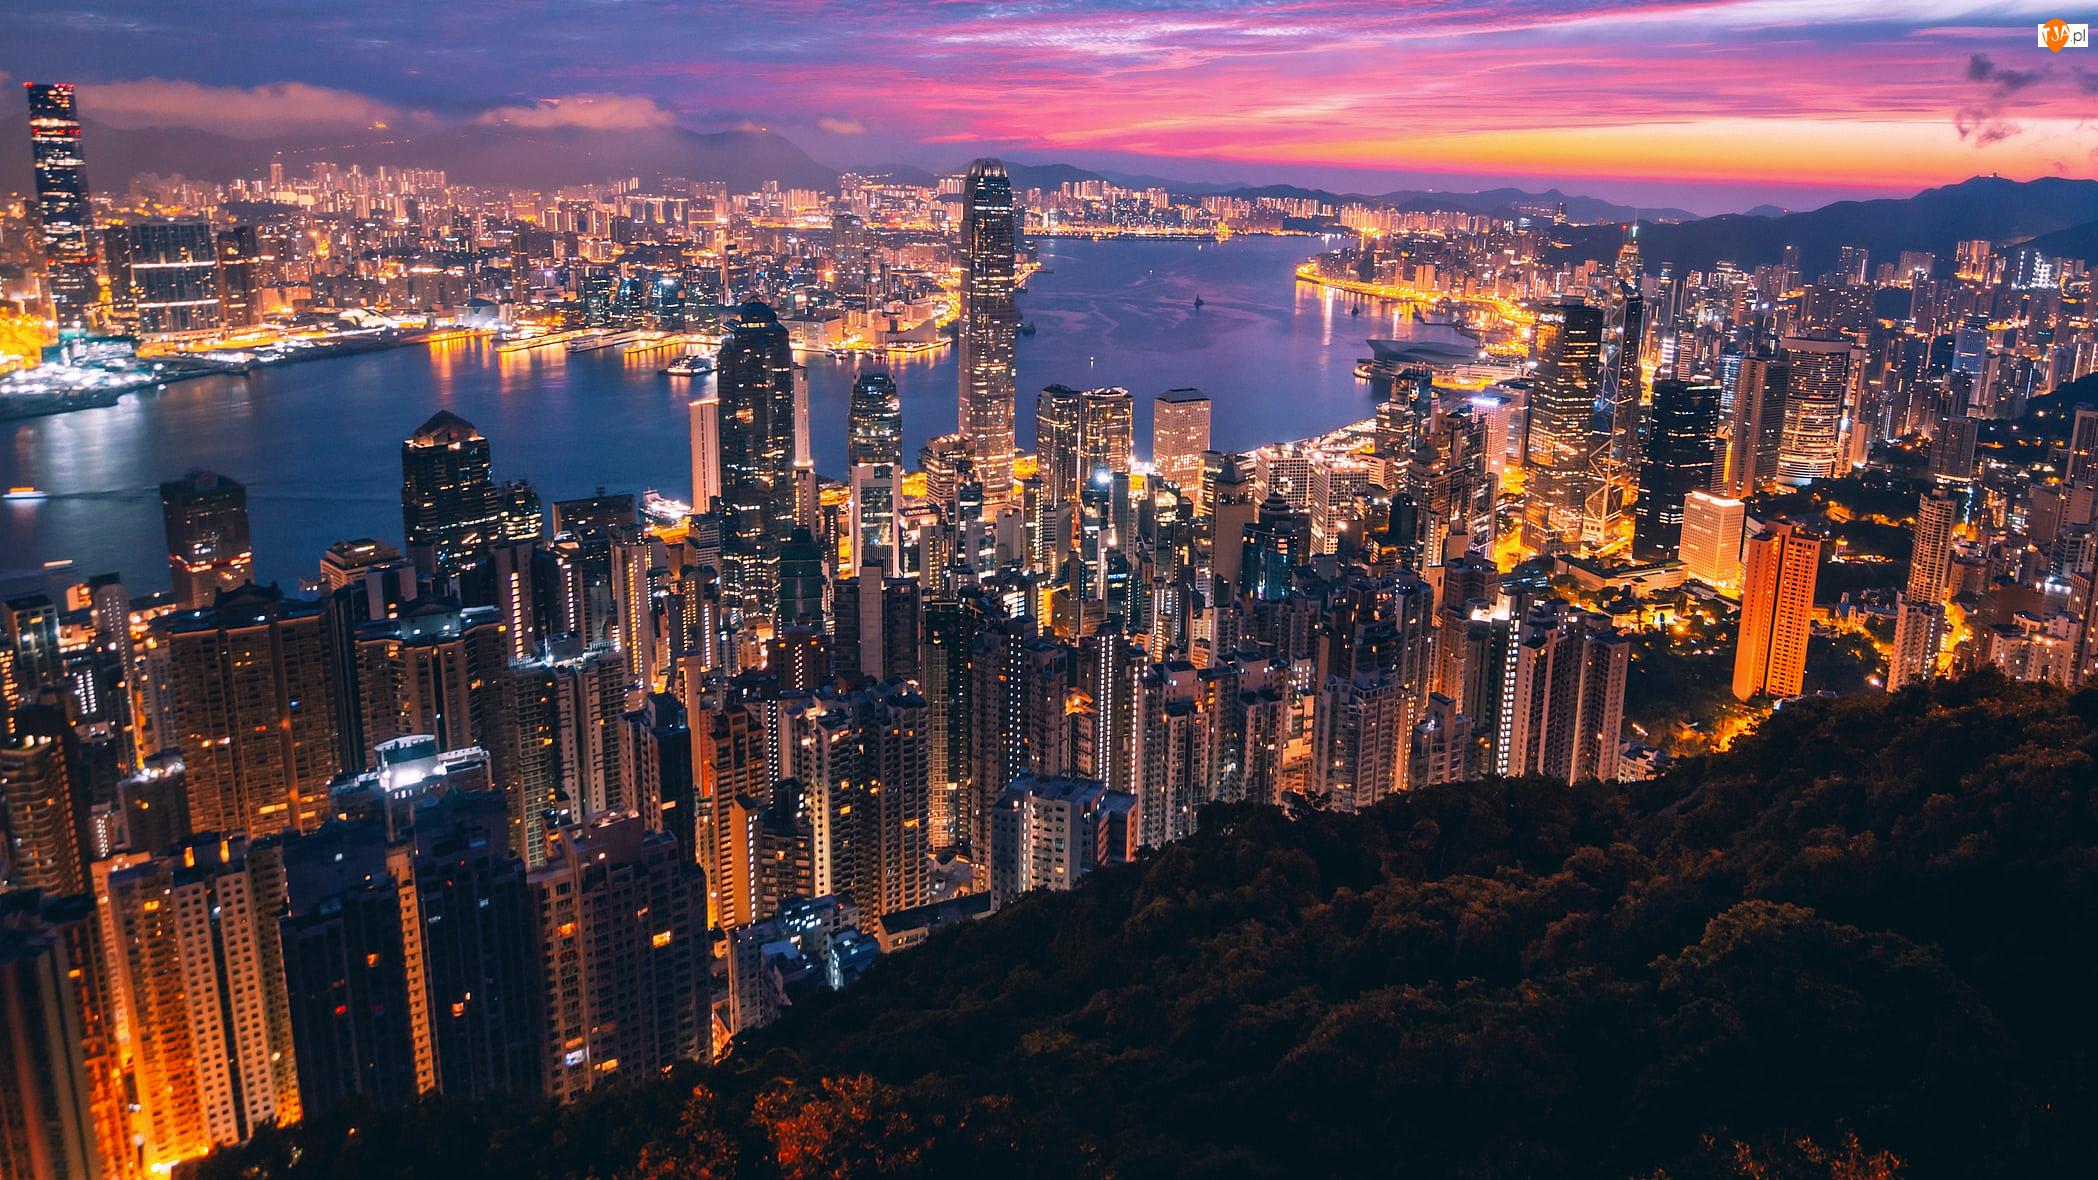 Noc, Oświetlone, Chiny, Hongkong, Port Wiktorii, Zatoka Wiktorii, Wieżowce